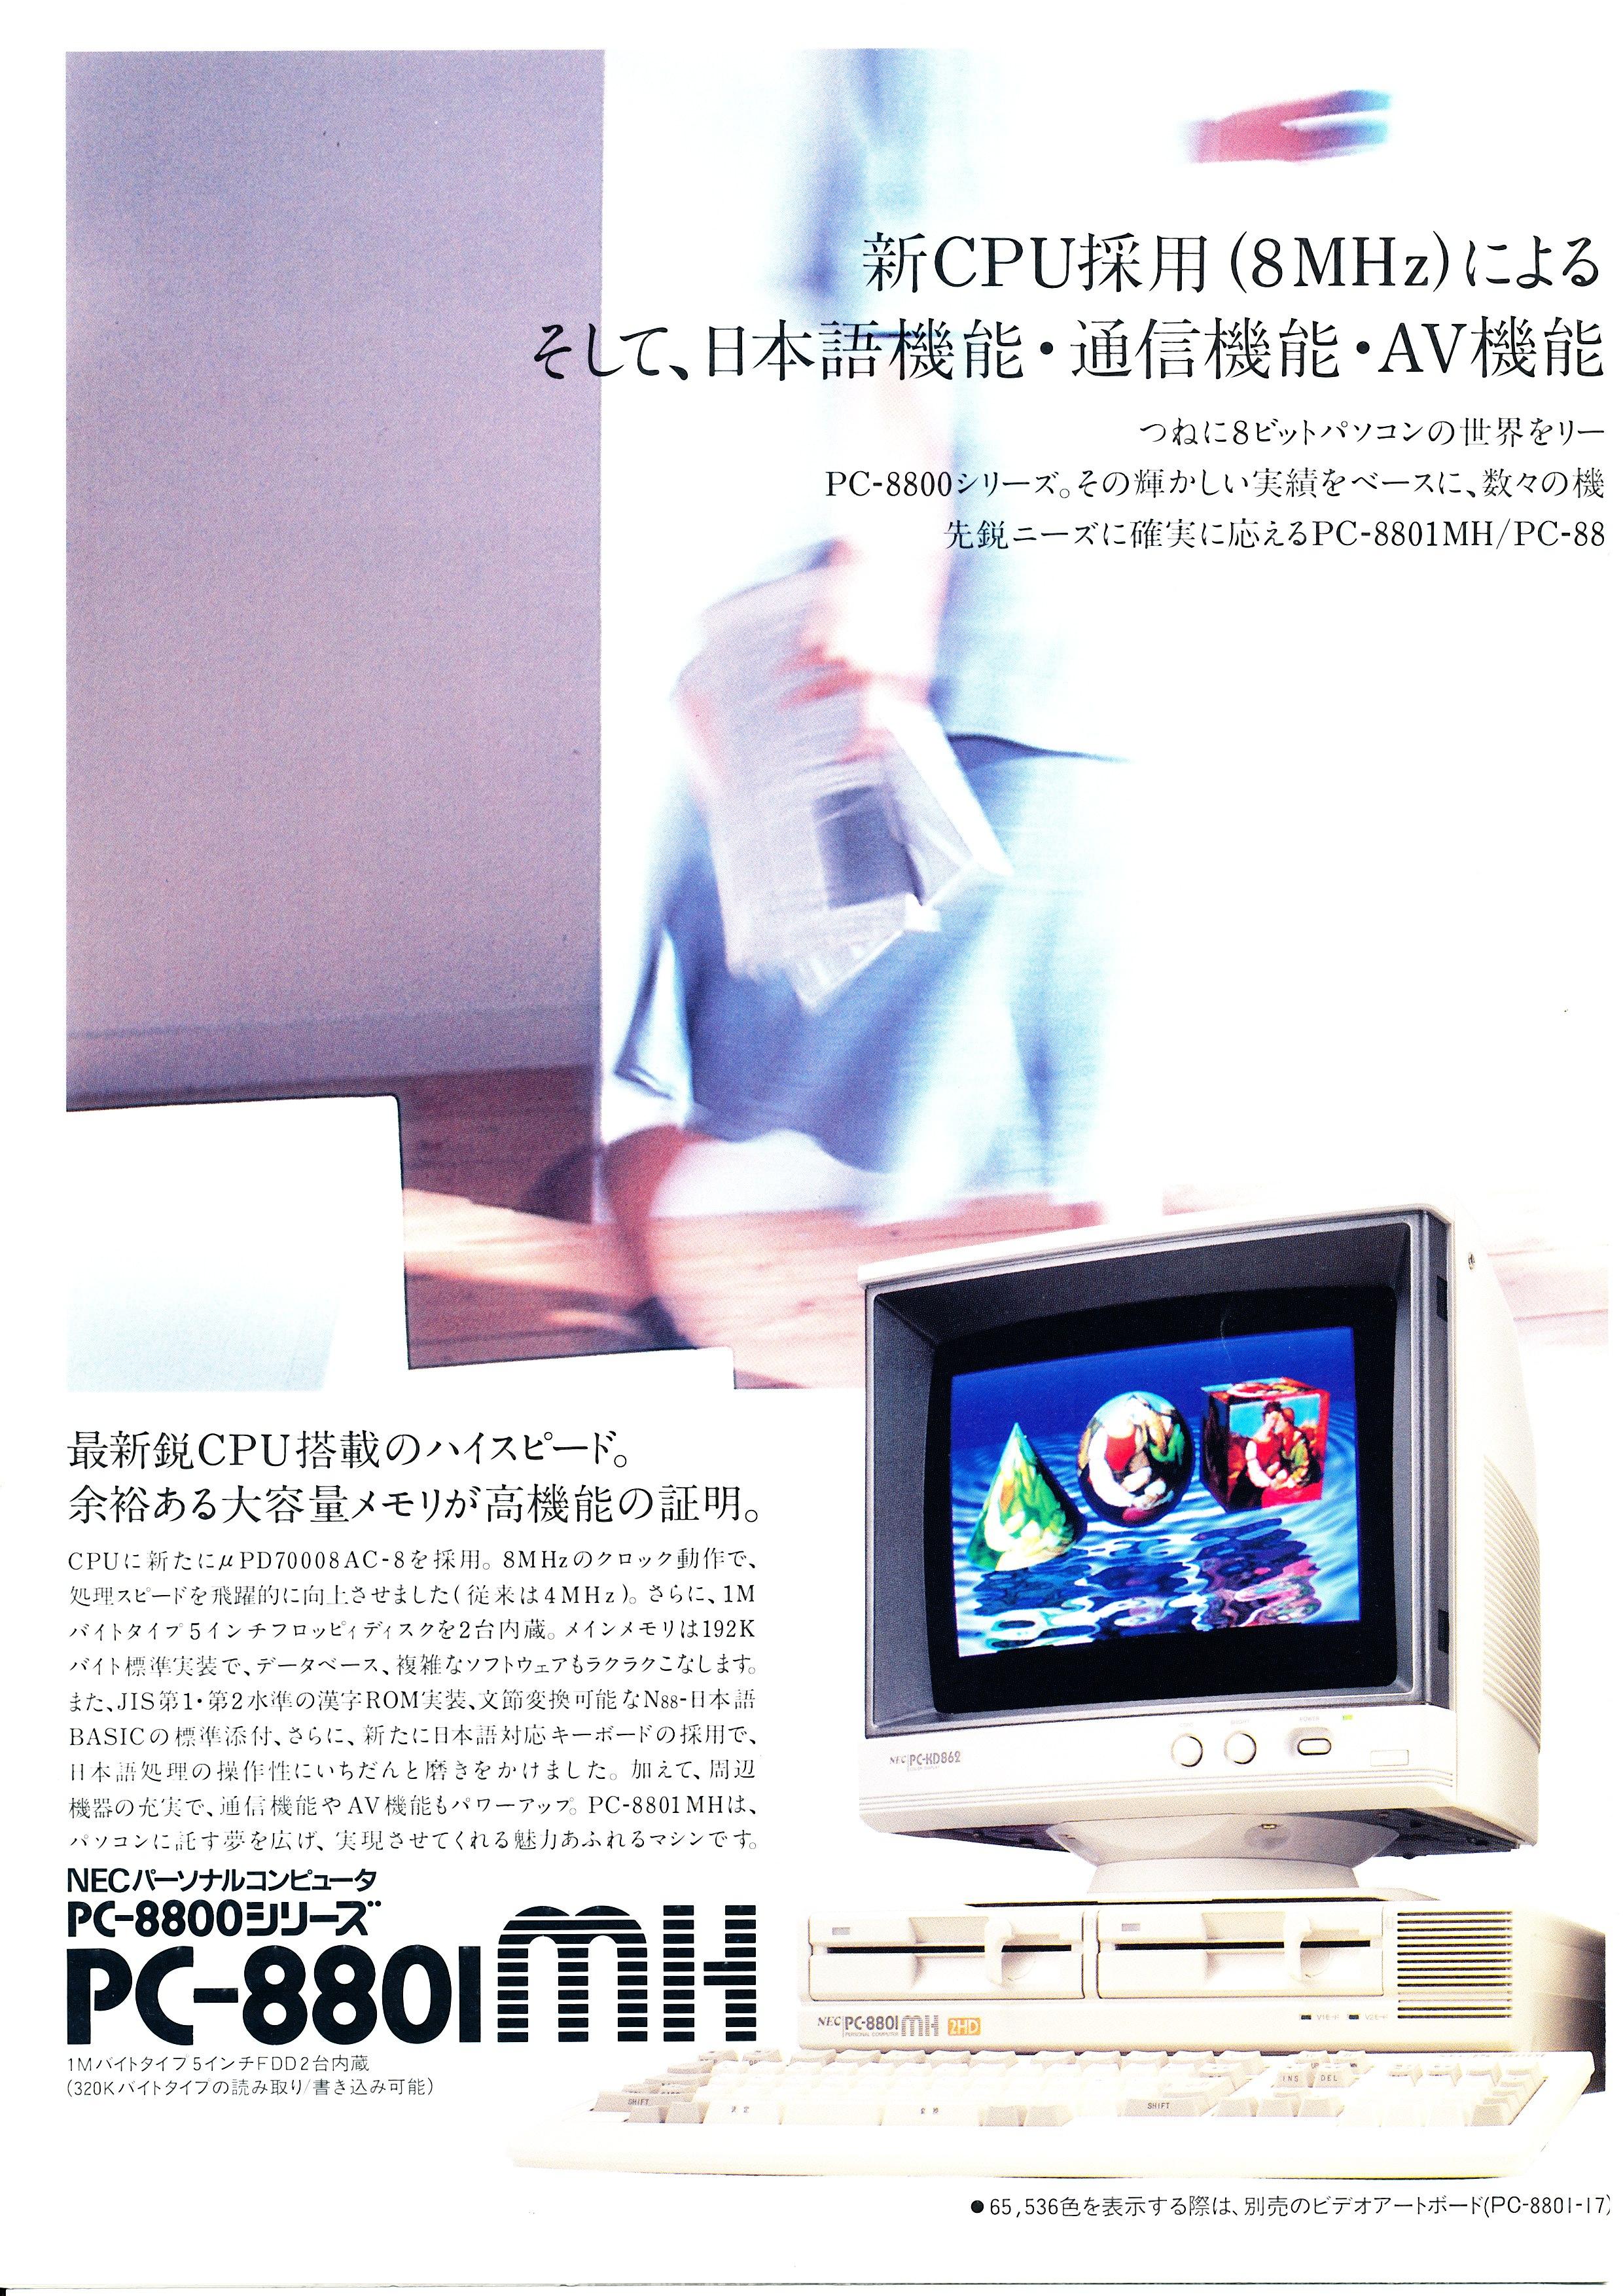 PC-8801MH/FH P2